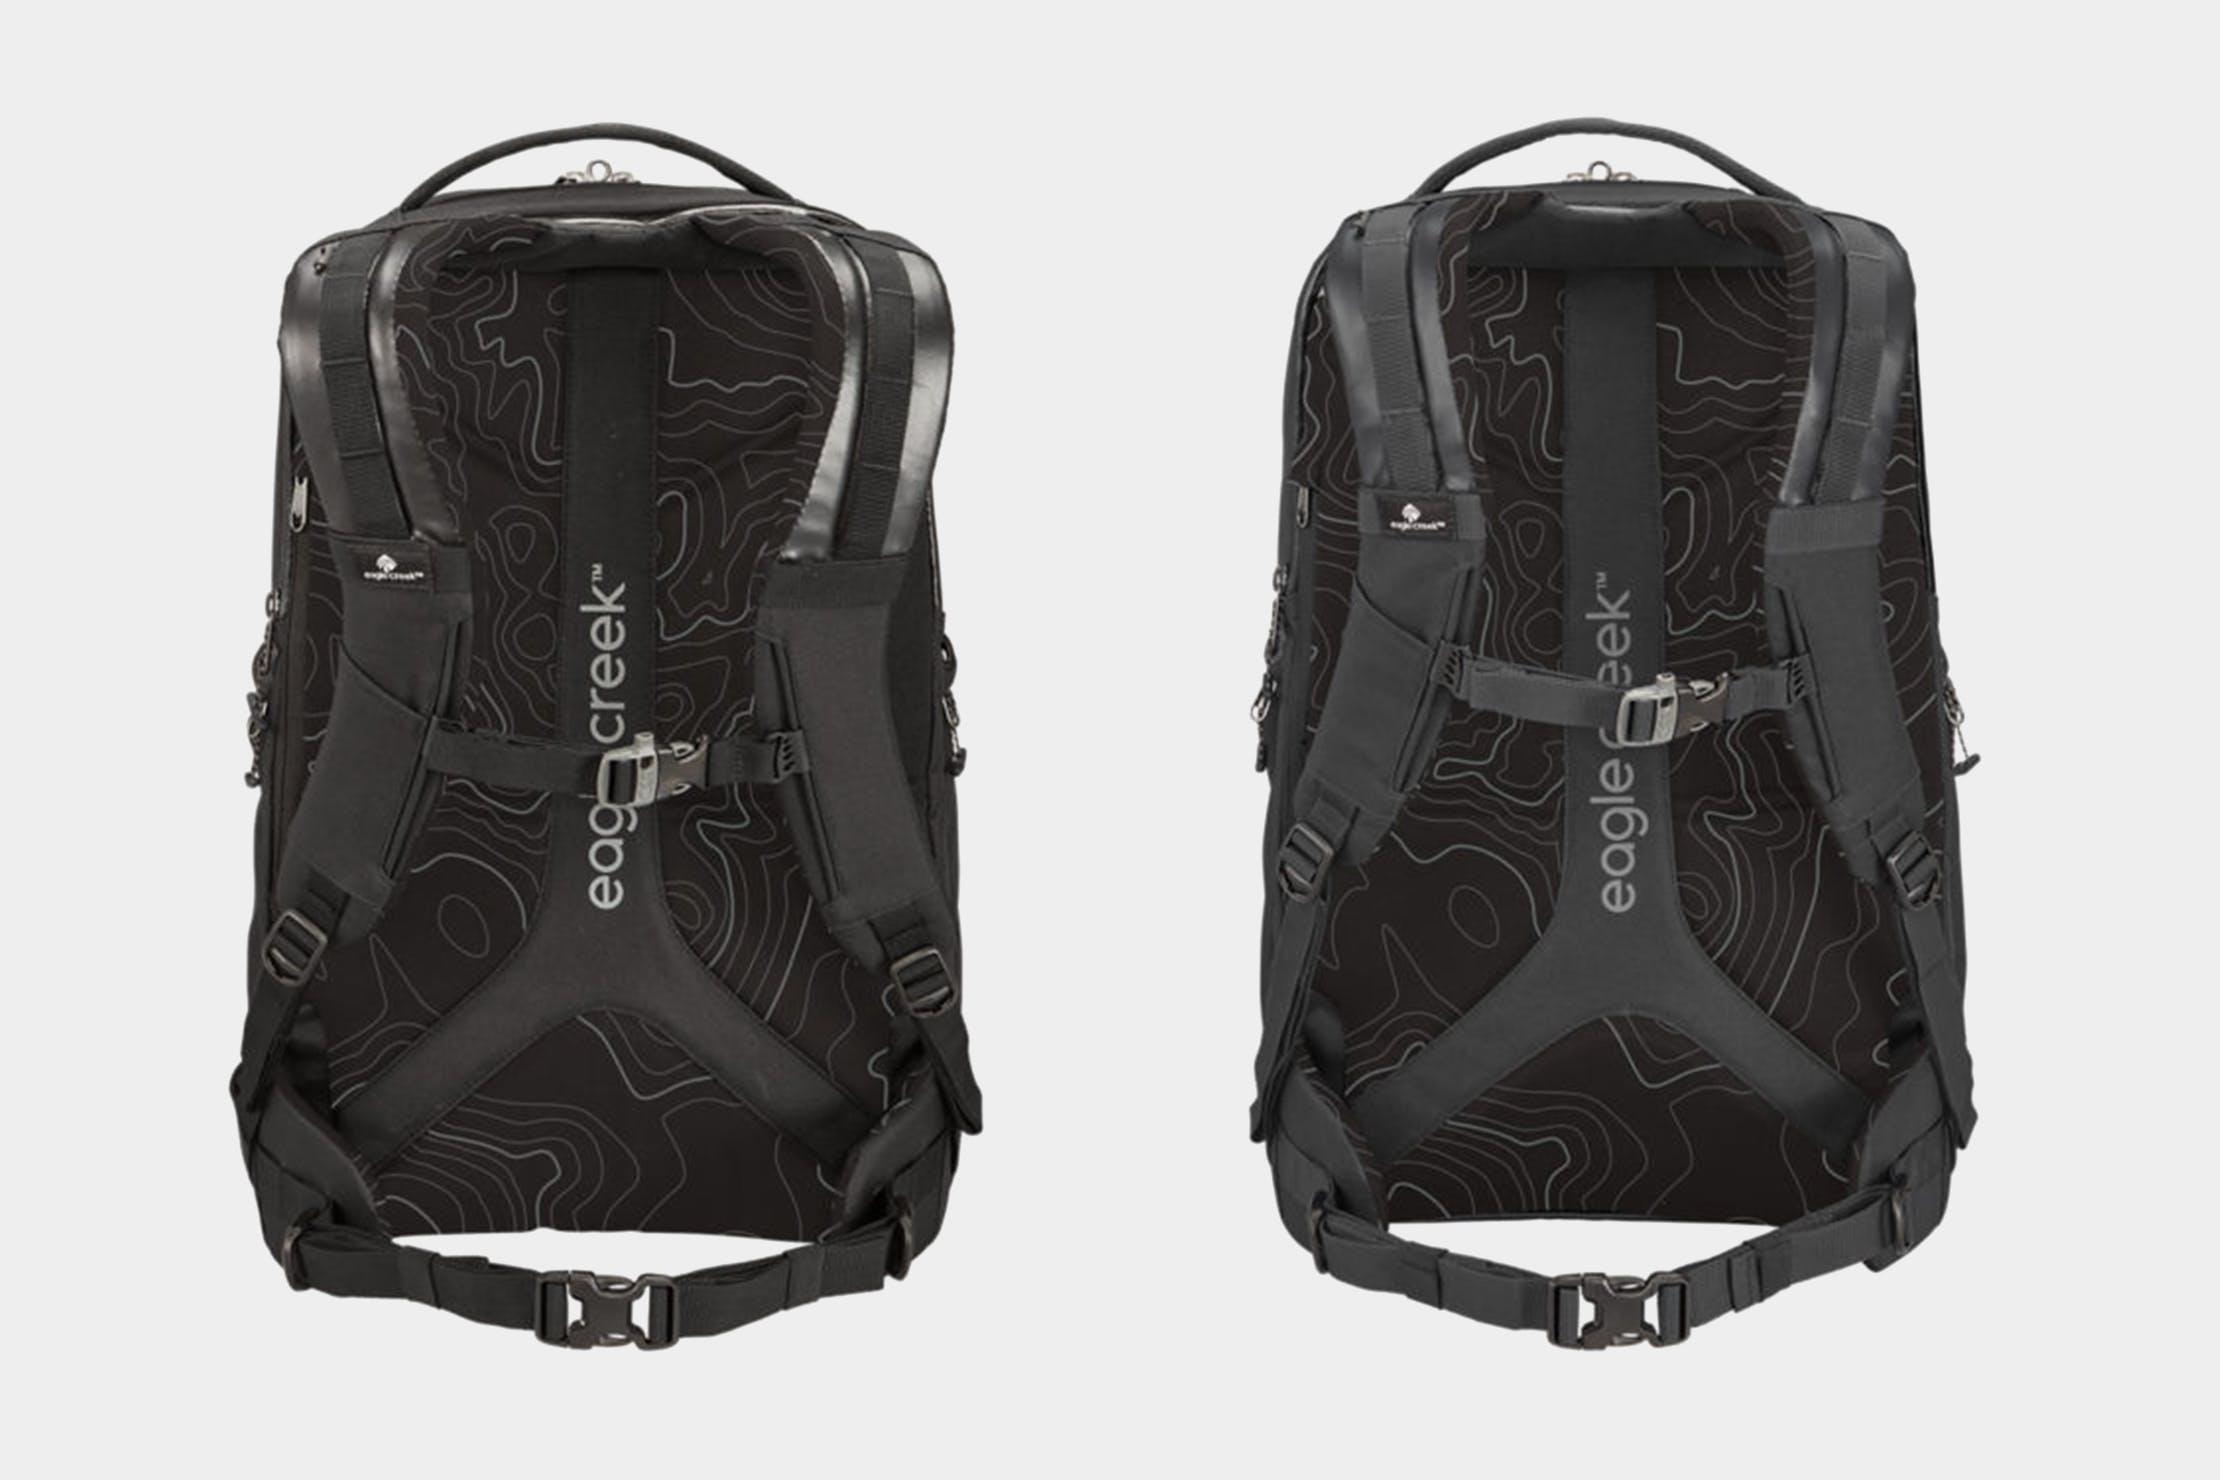 Eagle Creek Wayfinder Backpack 40L Unisex (Left) & Women's (Right) Harness System